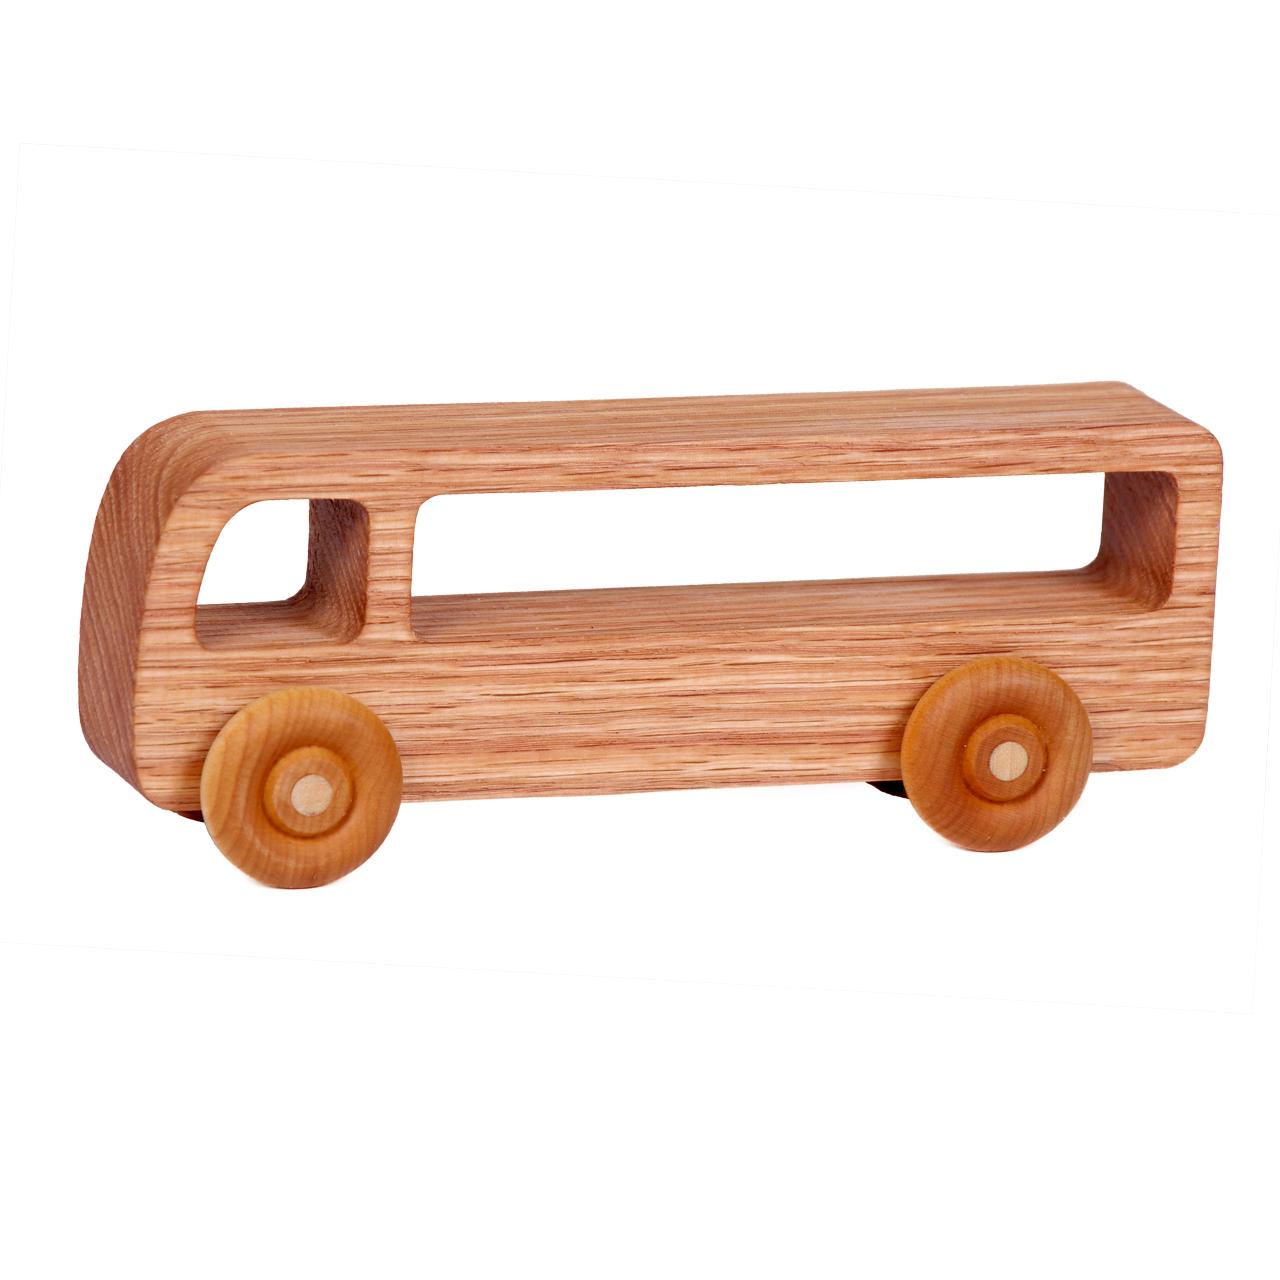 ماشین اسباب بازی چوبی مدل Bus